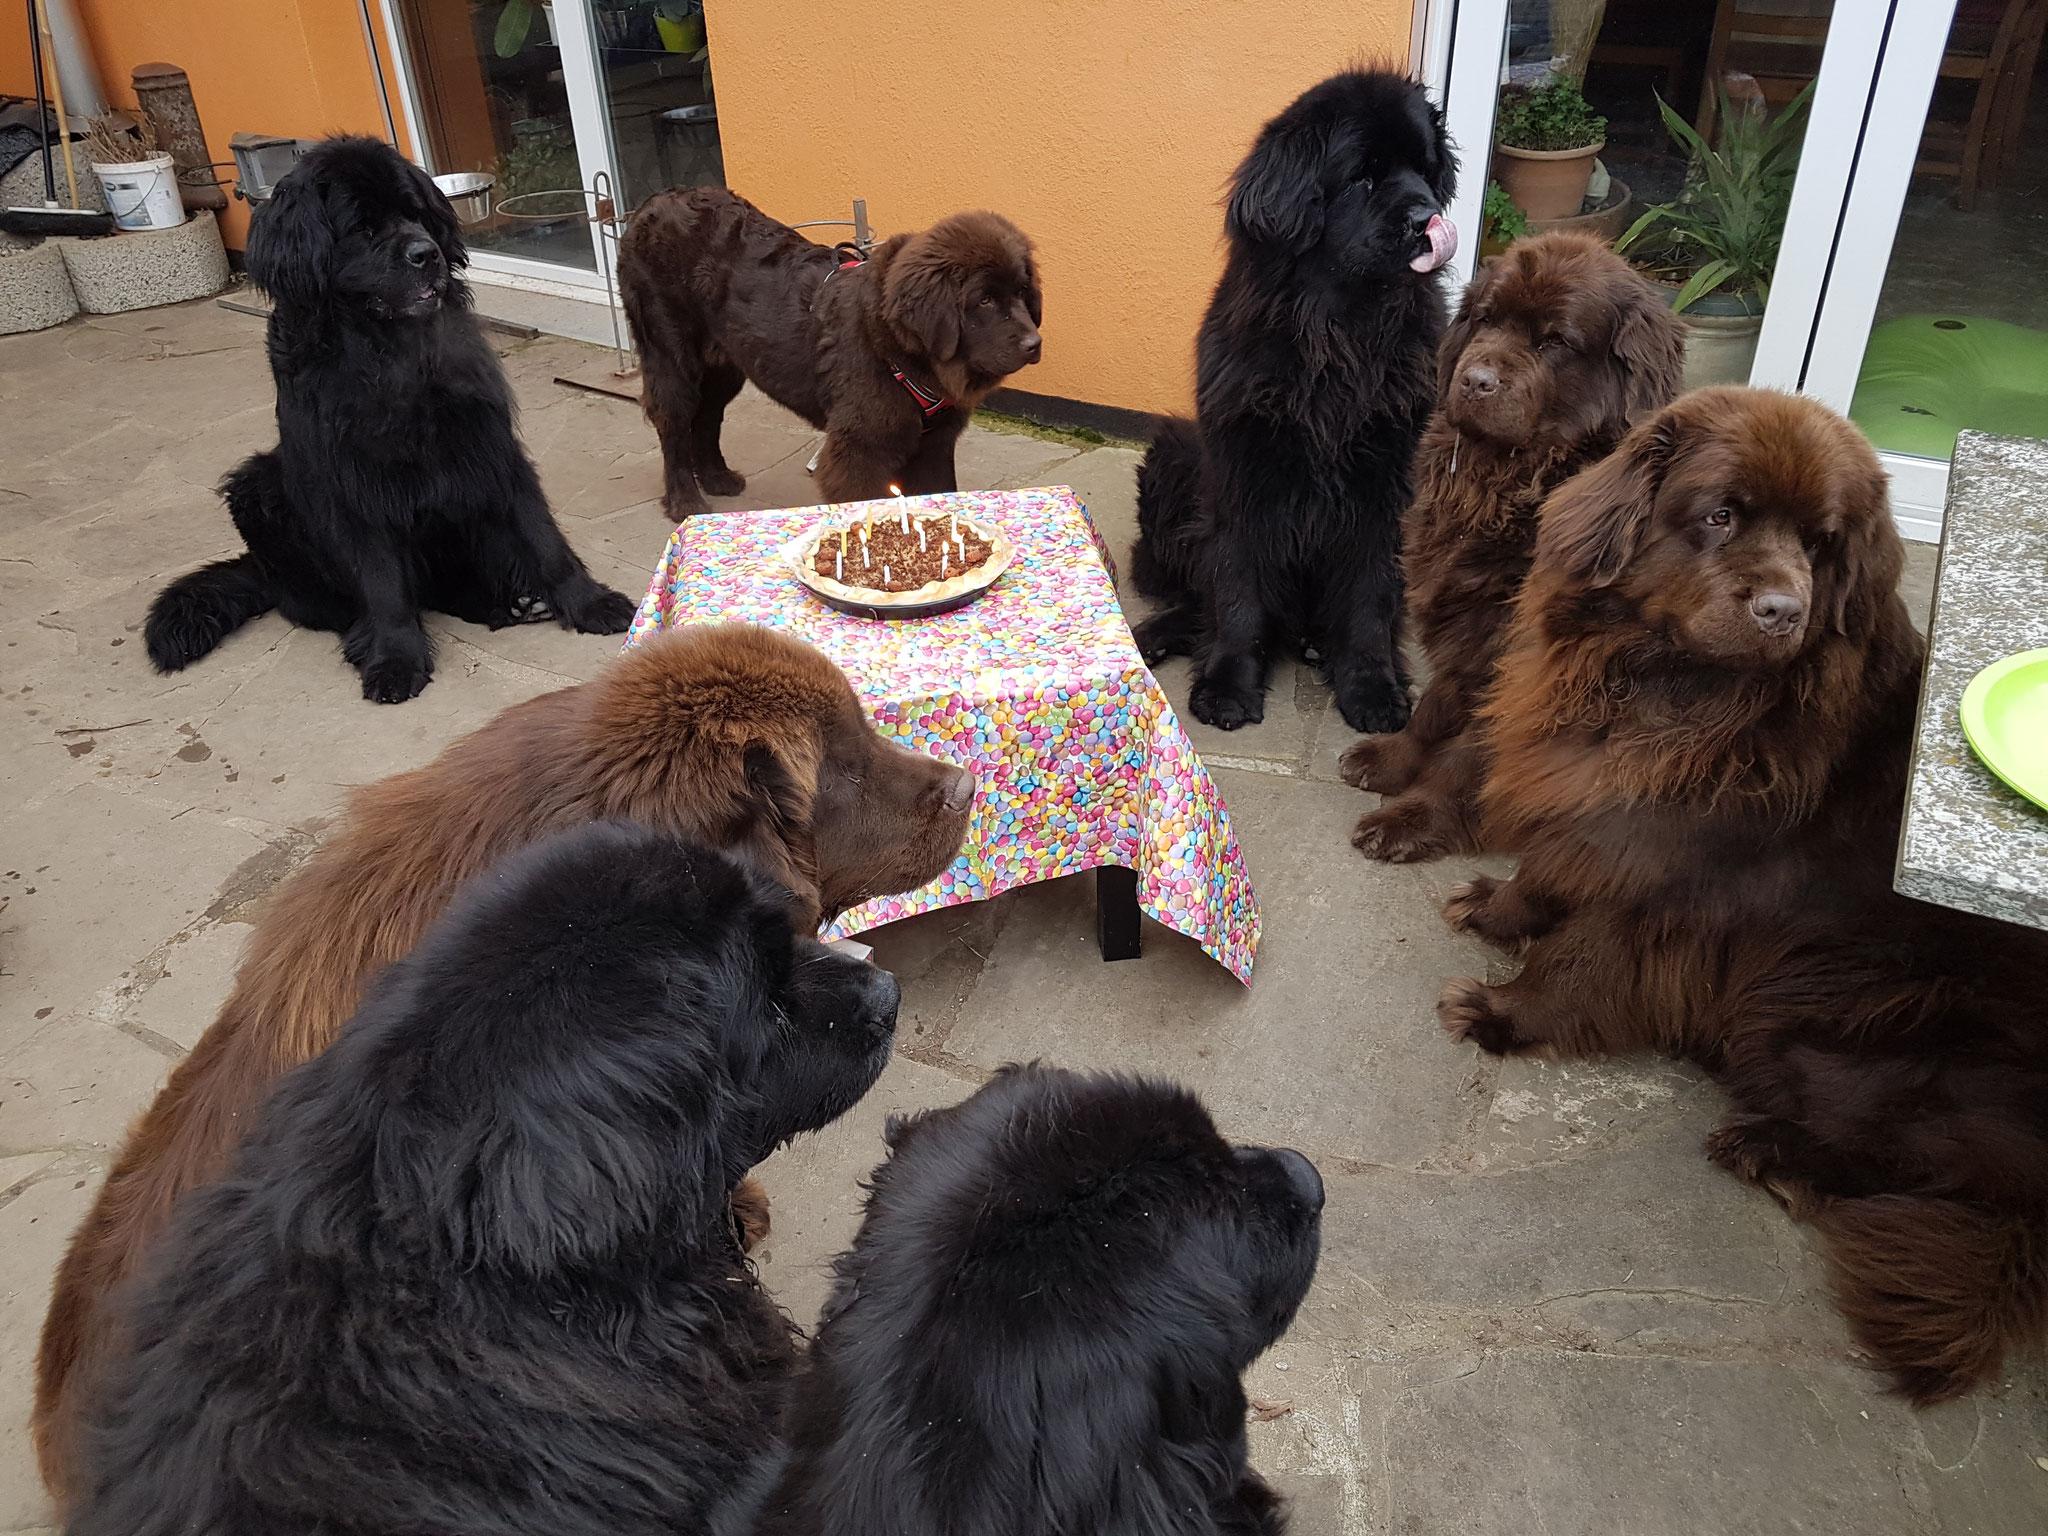 Ich Abby, Lesley, Bonaly, Djewa, Flurina, Gloria und die Gäste Bella und Pebbles